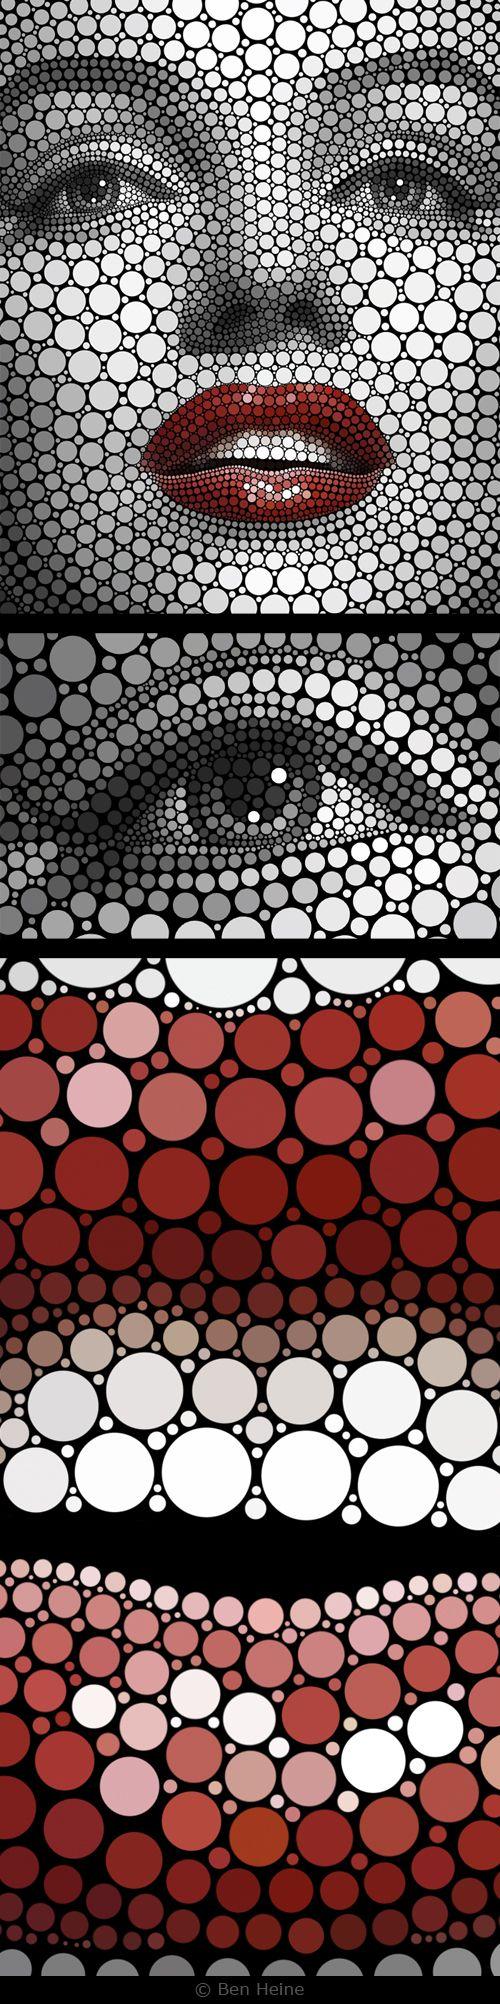 Ben Heine~Digital Circlism